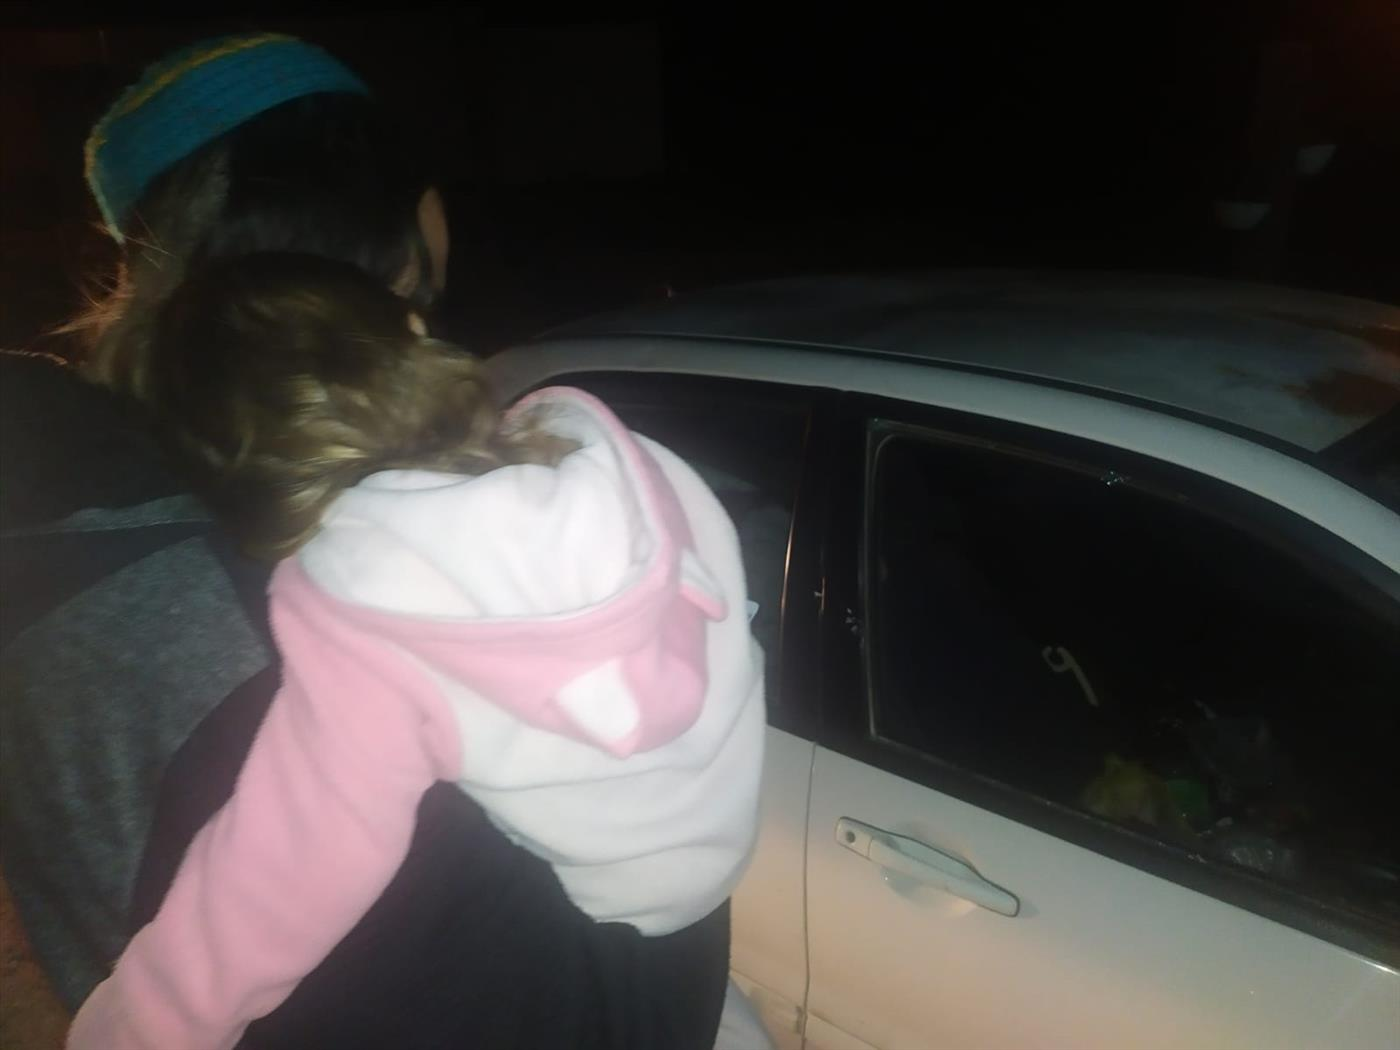 הרכב ובני המשפחה לאחר שהותקפו בחווארה (צילום: שמוליק ברום)